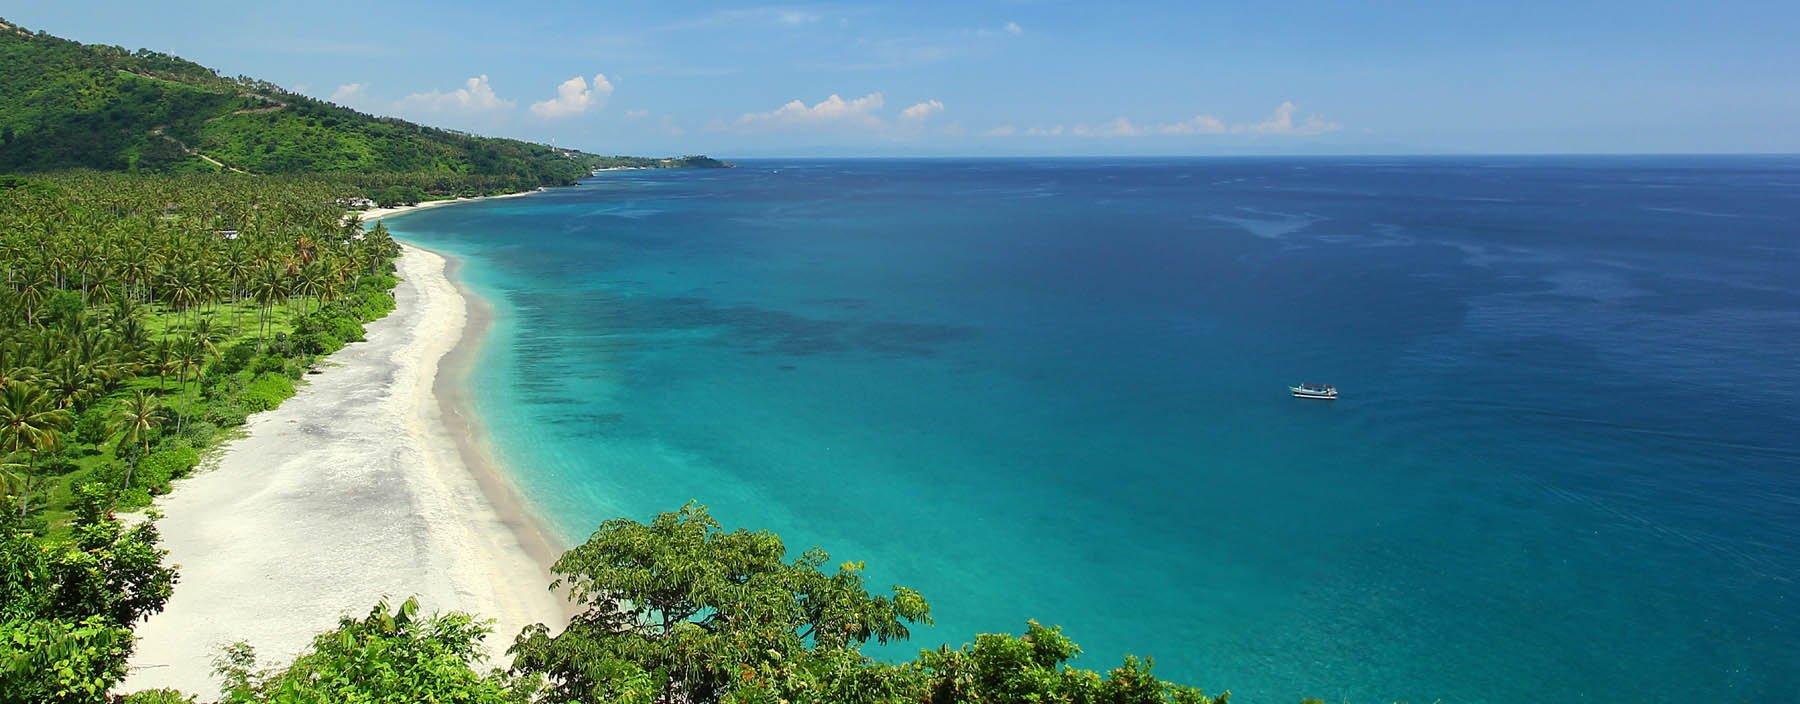 id, lombok, senggigi, beach (2).jpg